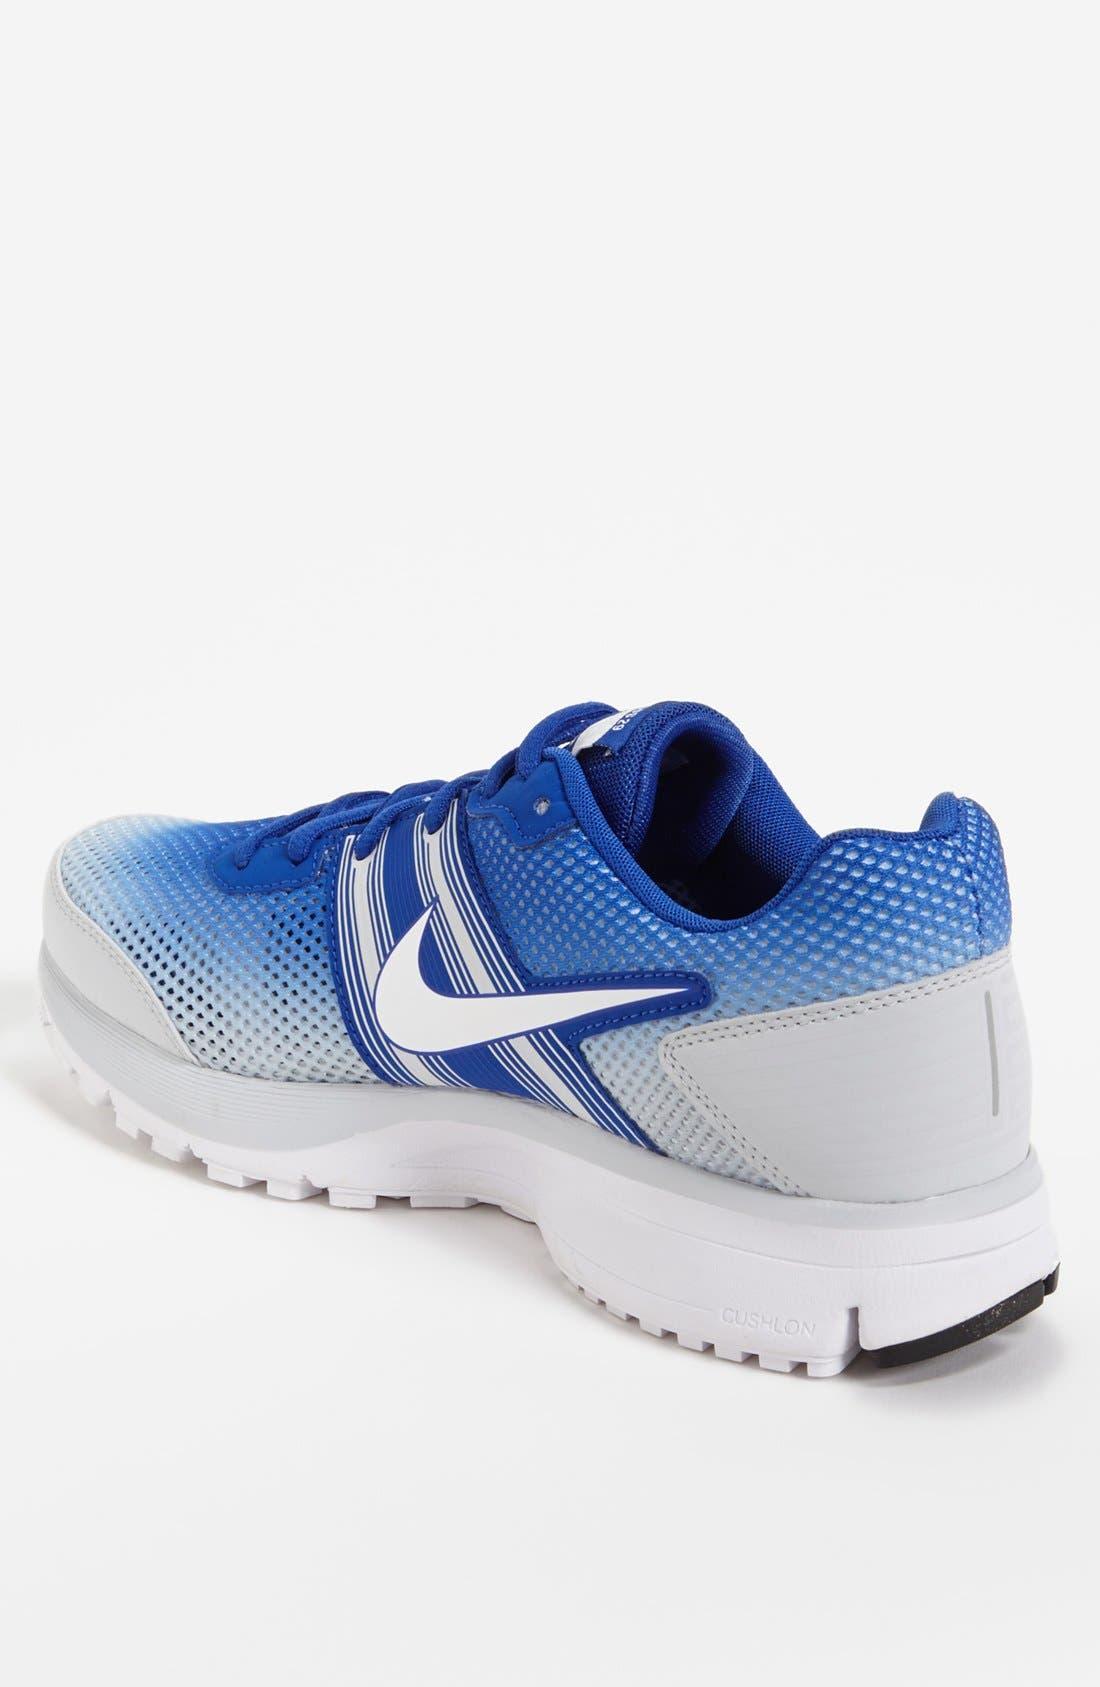 Alternate Image 2  - Nike 'Air Pegasus+ 29 Breathe' Running Shoe (Men)